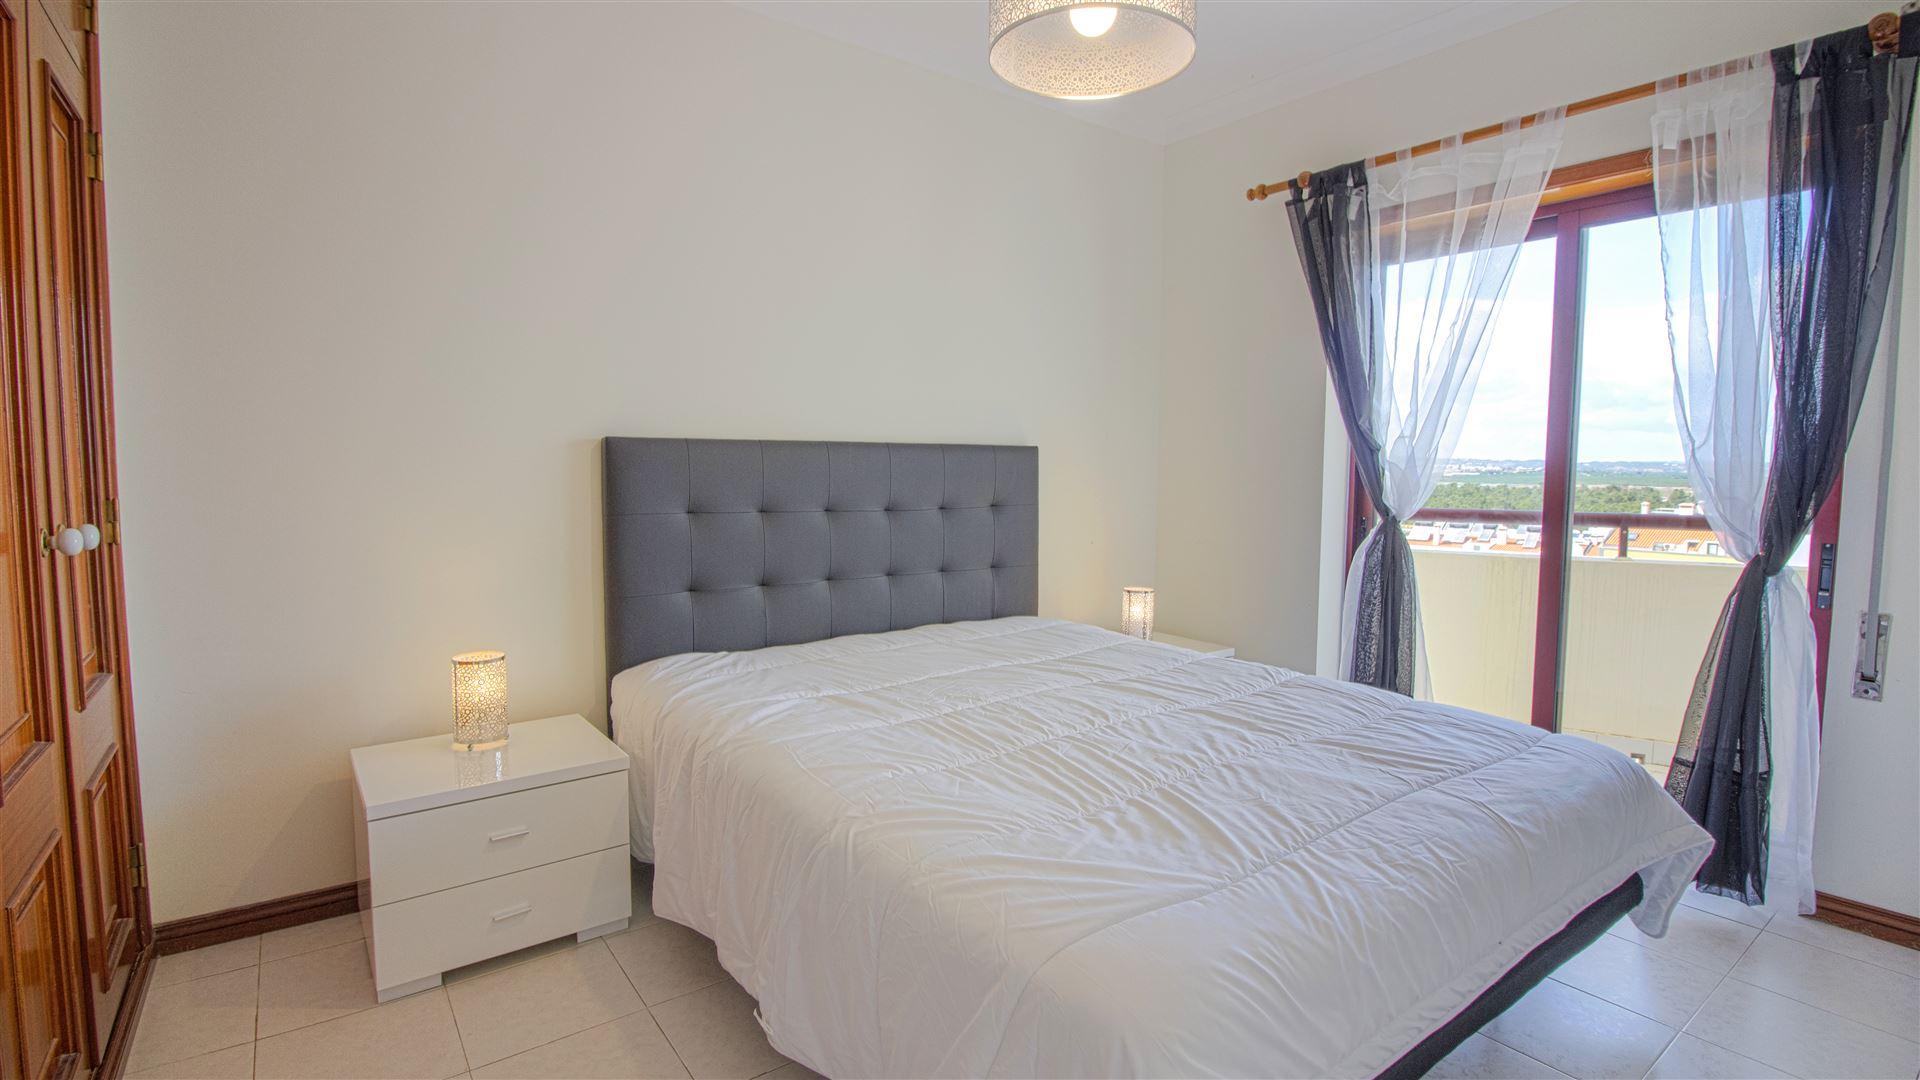 Apartamento  T2 - Algarve, Monte Gordo, Vila Real de Santo António